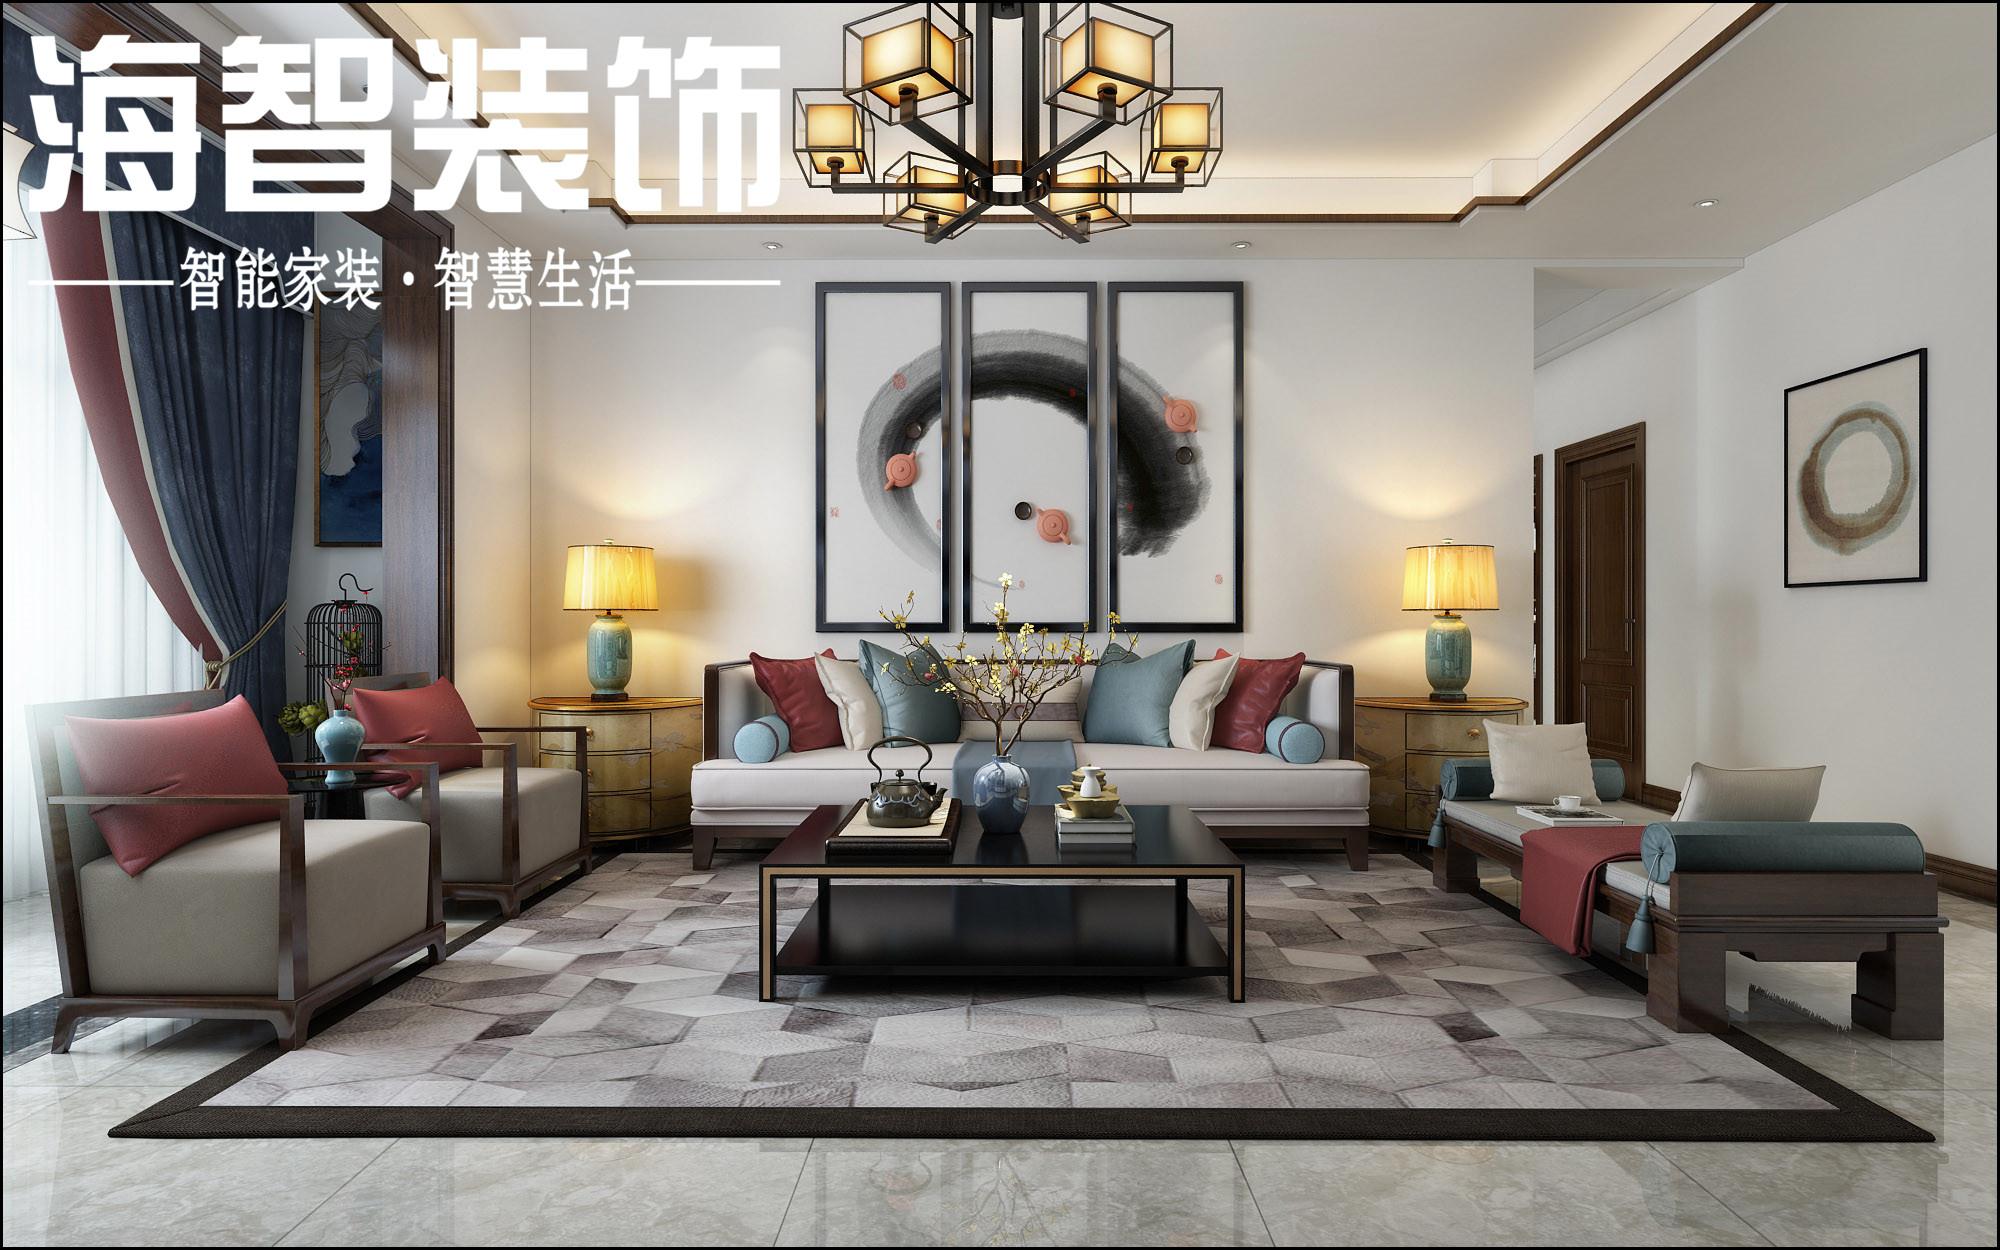 【海智装饰】中泰雅居112新中式古典风格与现代的融合